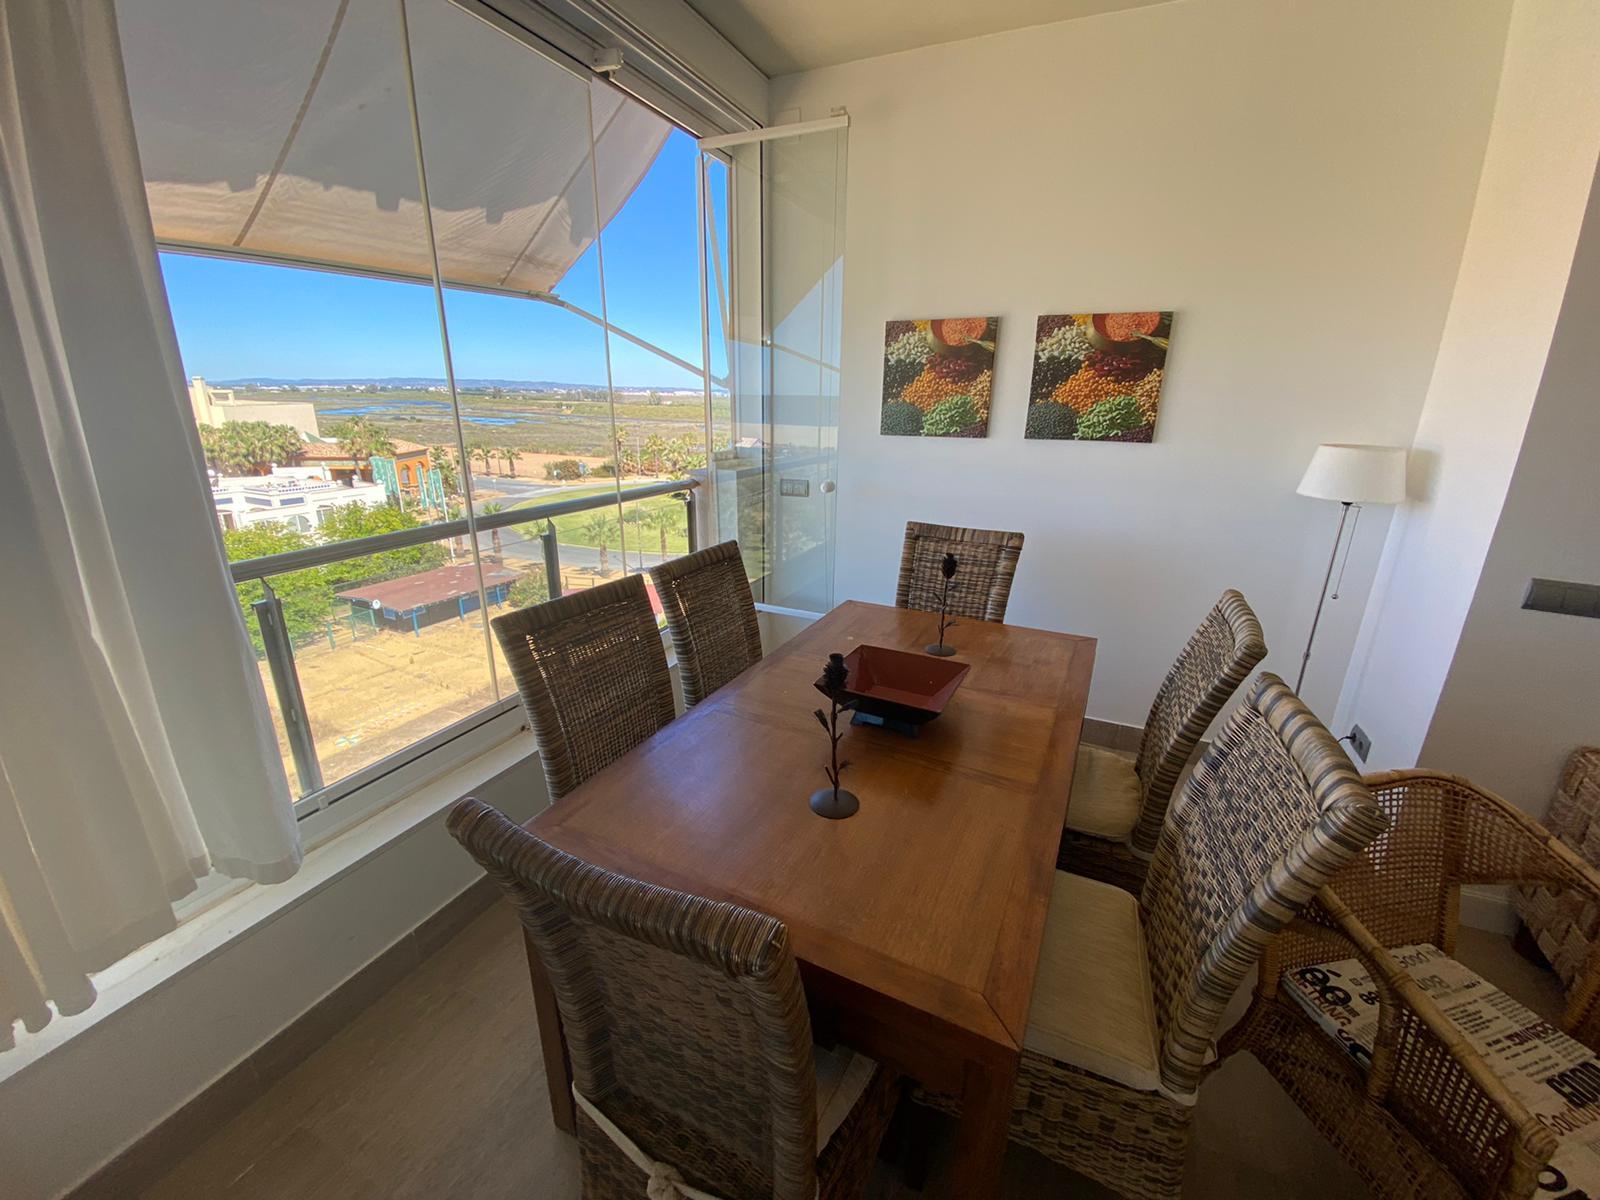 Imagen 5 del Apartamento Turístico, Ático 1 Poniente (3d+2b), Punta del Moral (HUELVA), Paseo de la Cruz nº22